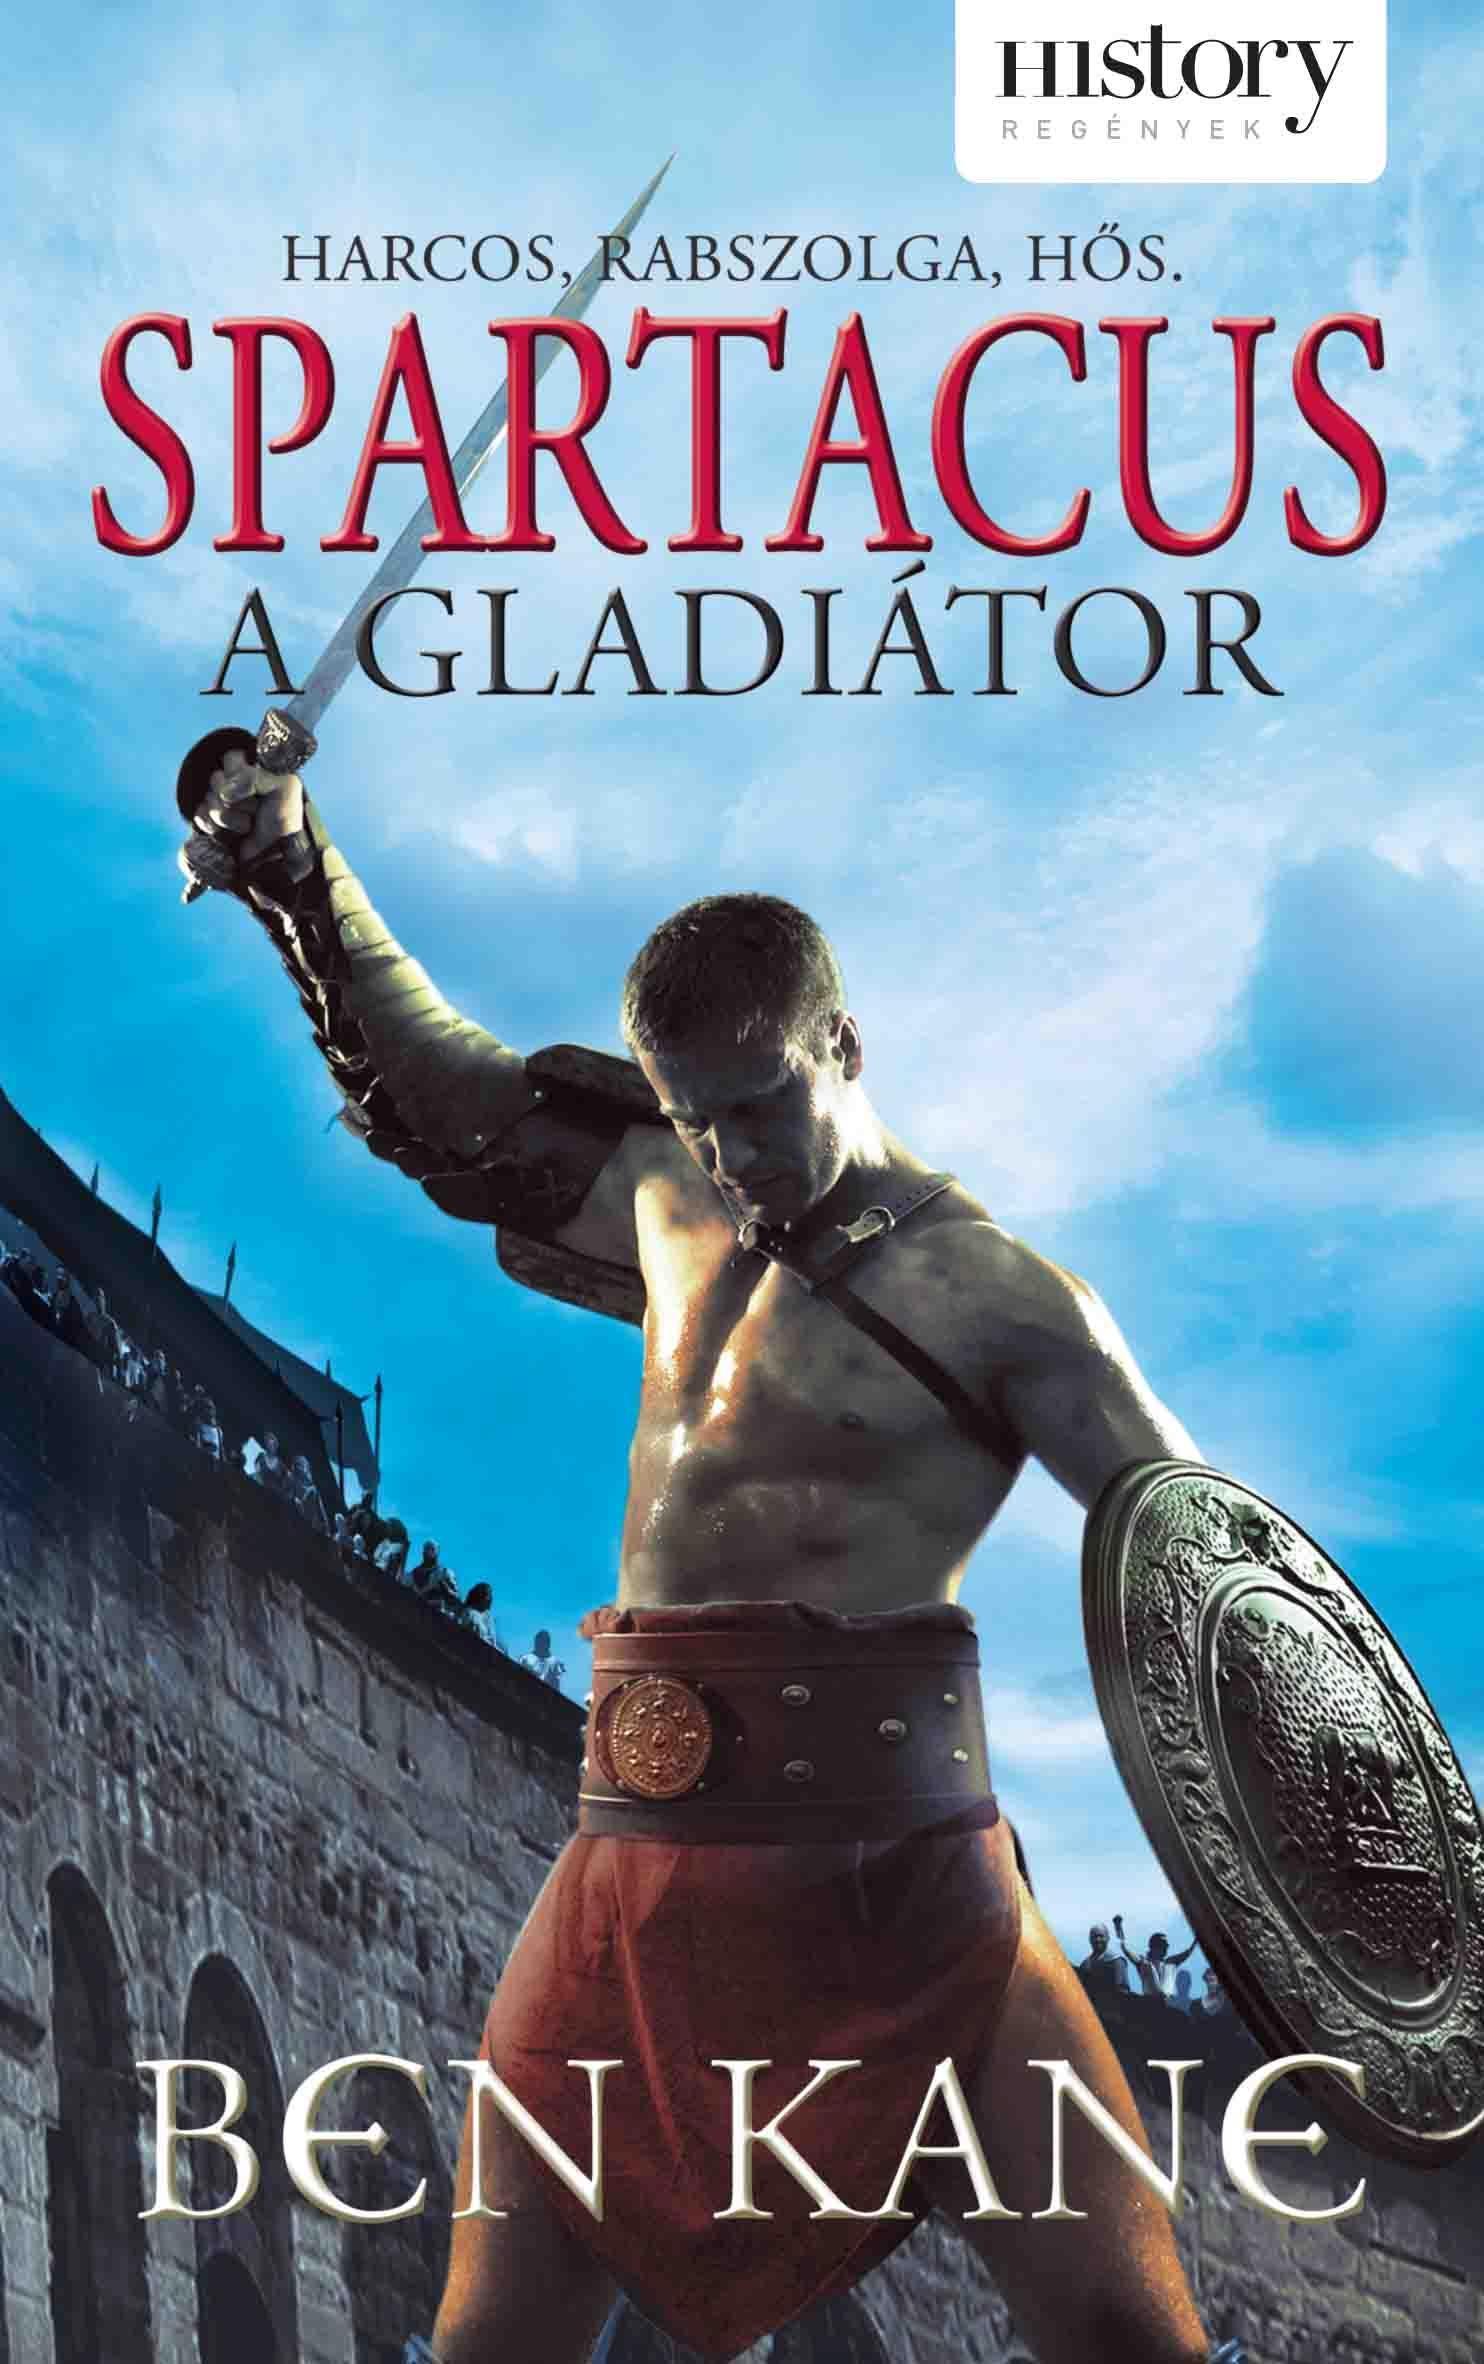 SPARTACUS - A GLADIÁTOR (HISTORY REGÉNYEK)